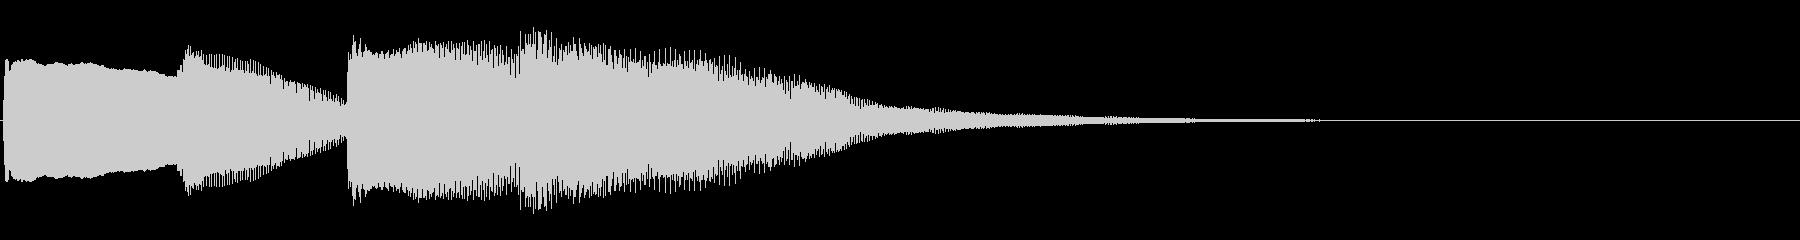 ピンポンパンポン01-2(バイノーラル)の未再生の波形